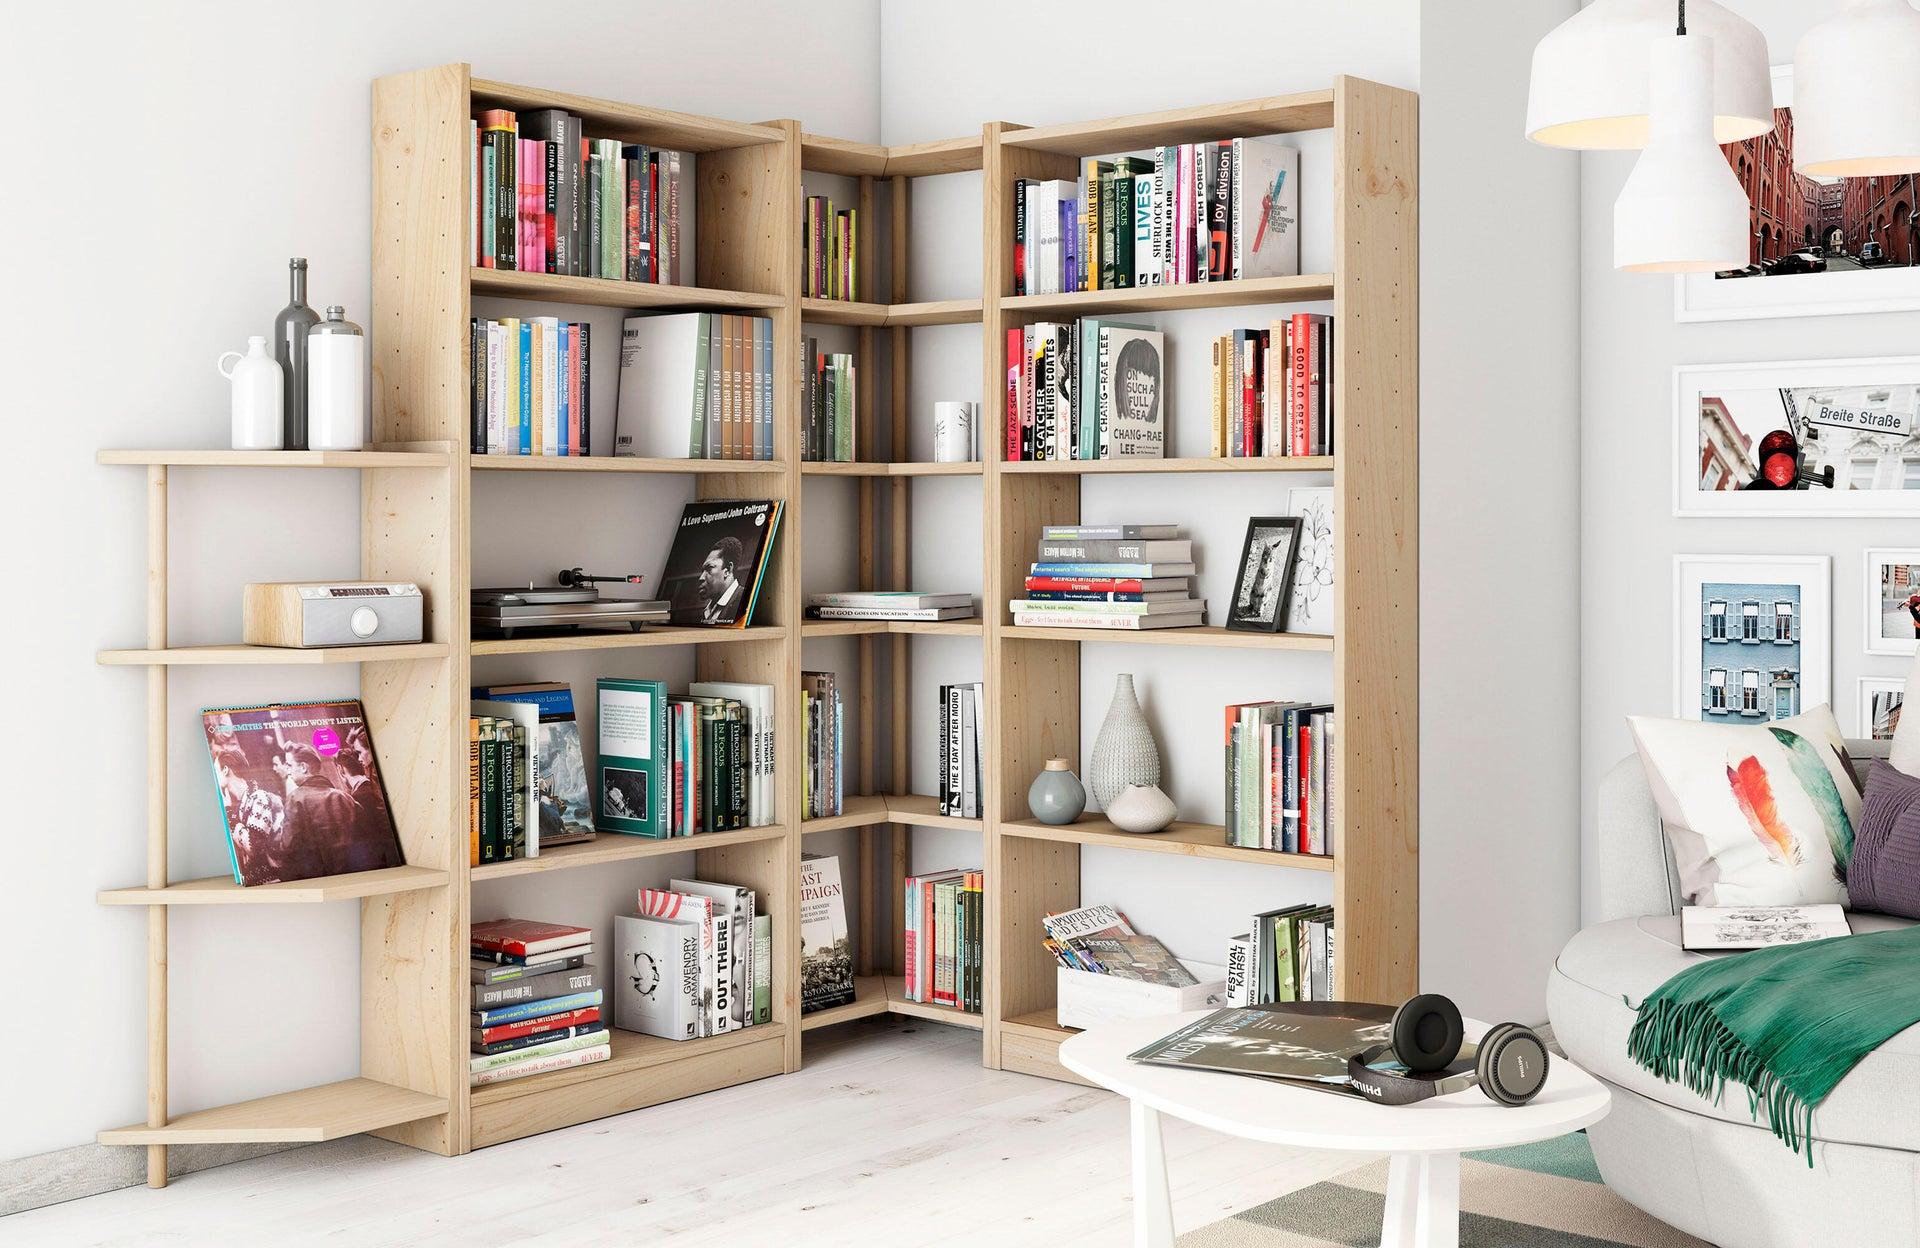 Libreria Gala L 50 x P 25 x H 120.7 cm marrone - 14